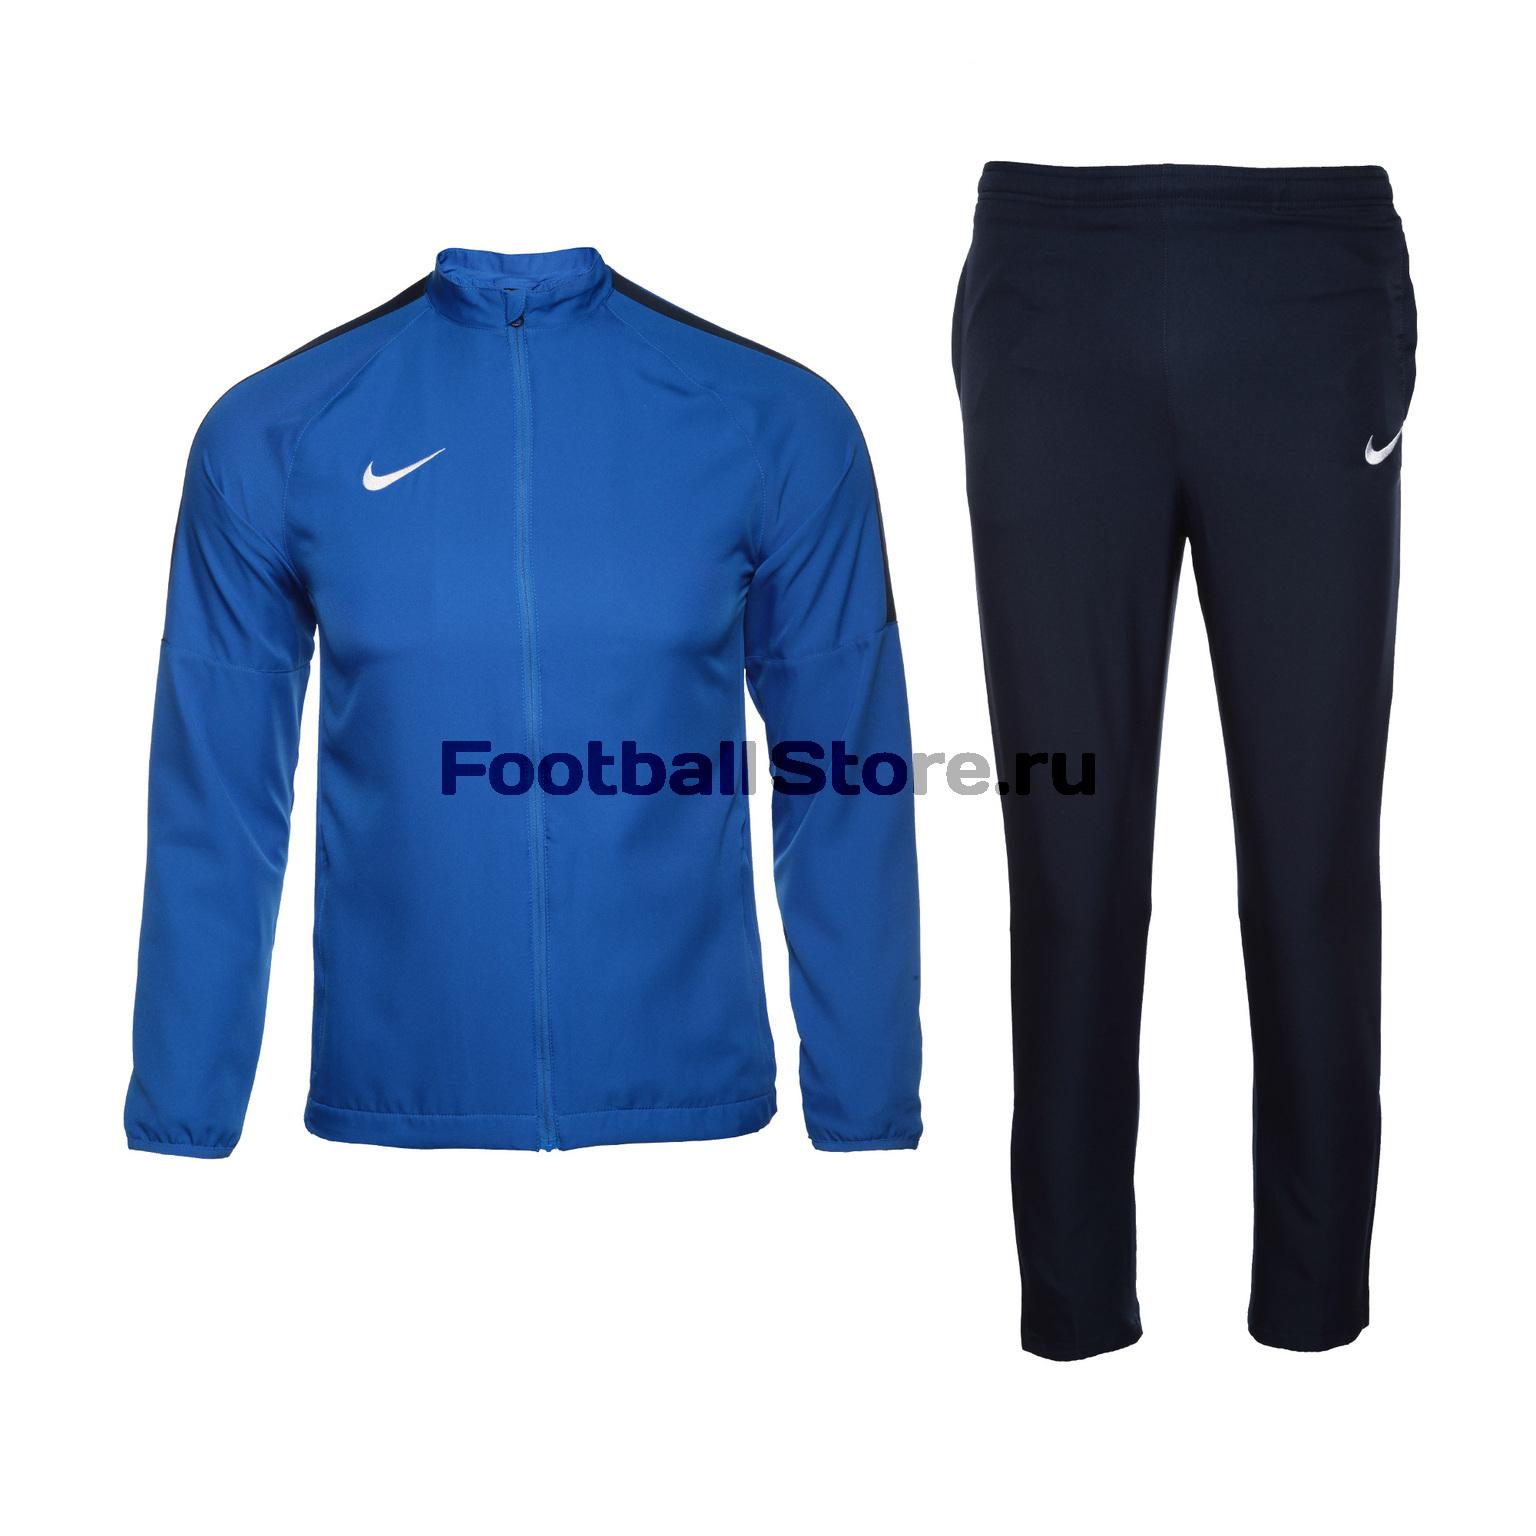 Костюм подростковый Nike Dry Academy18 893805-463